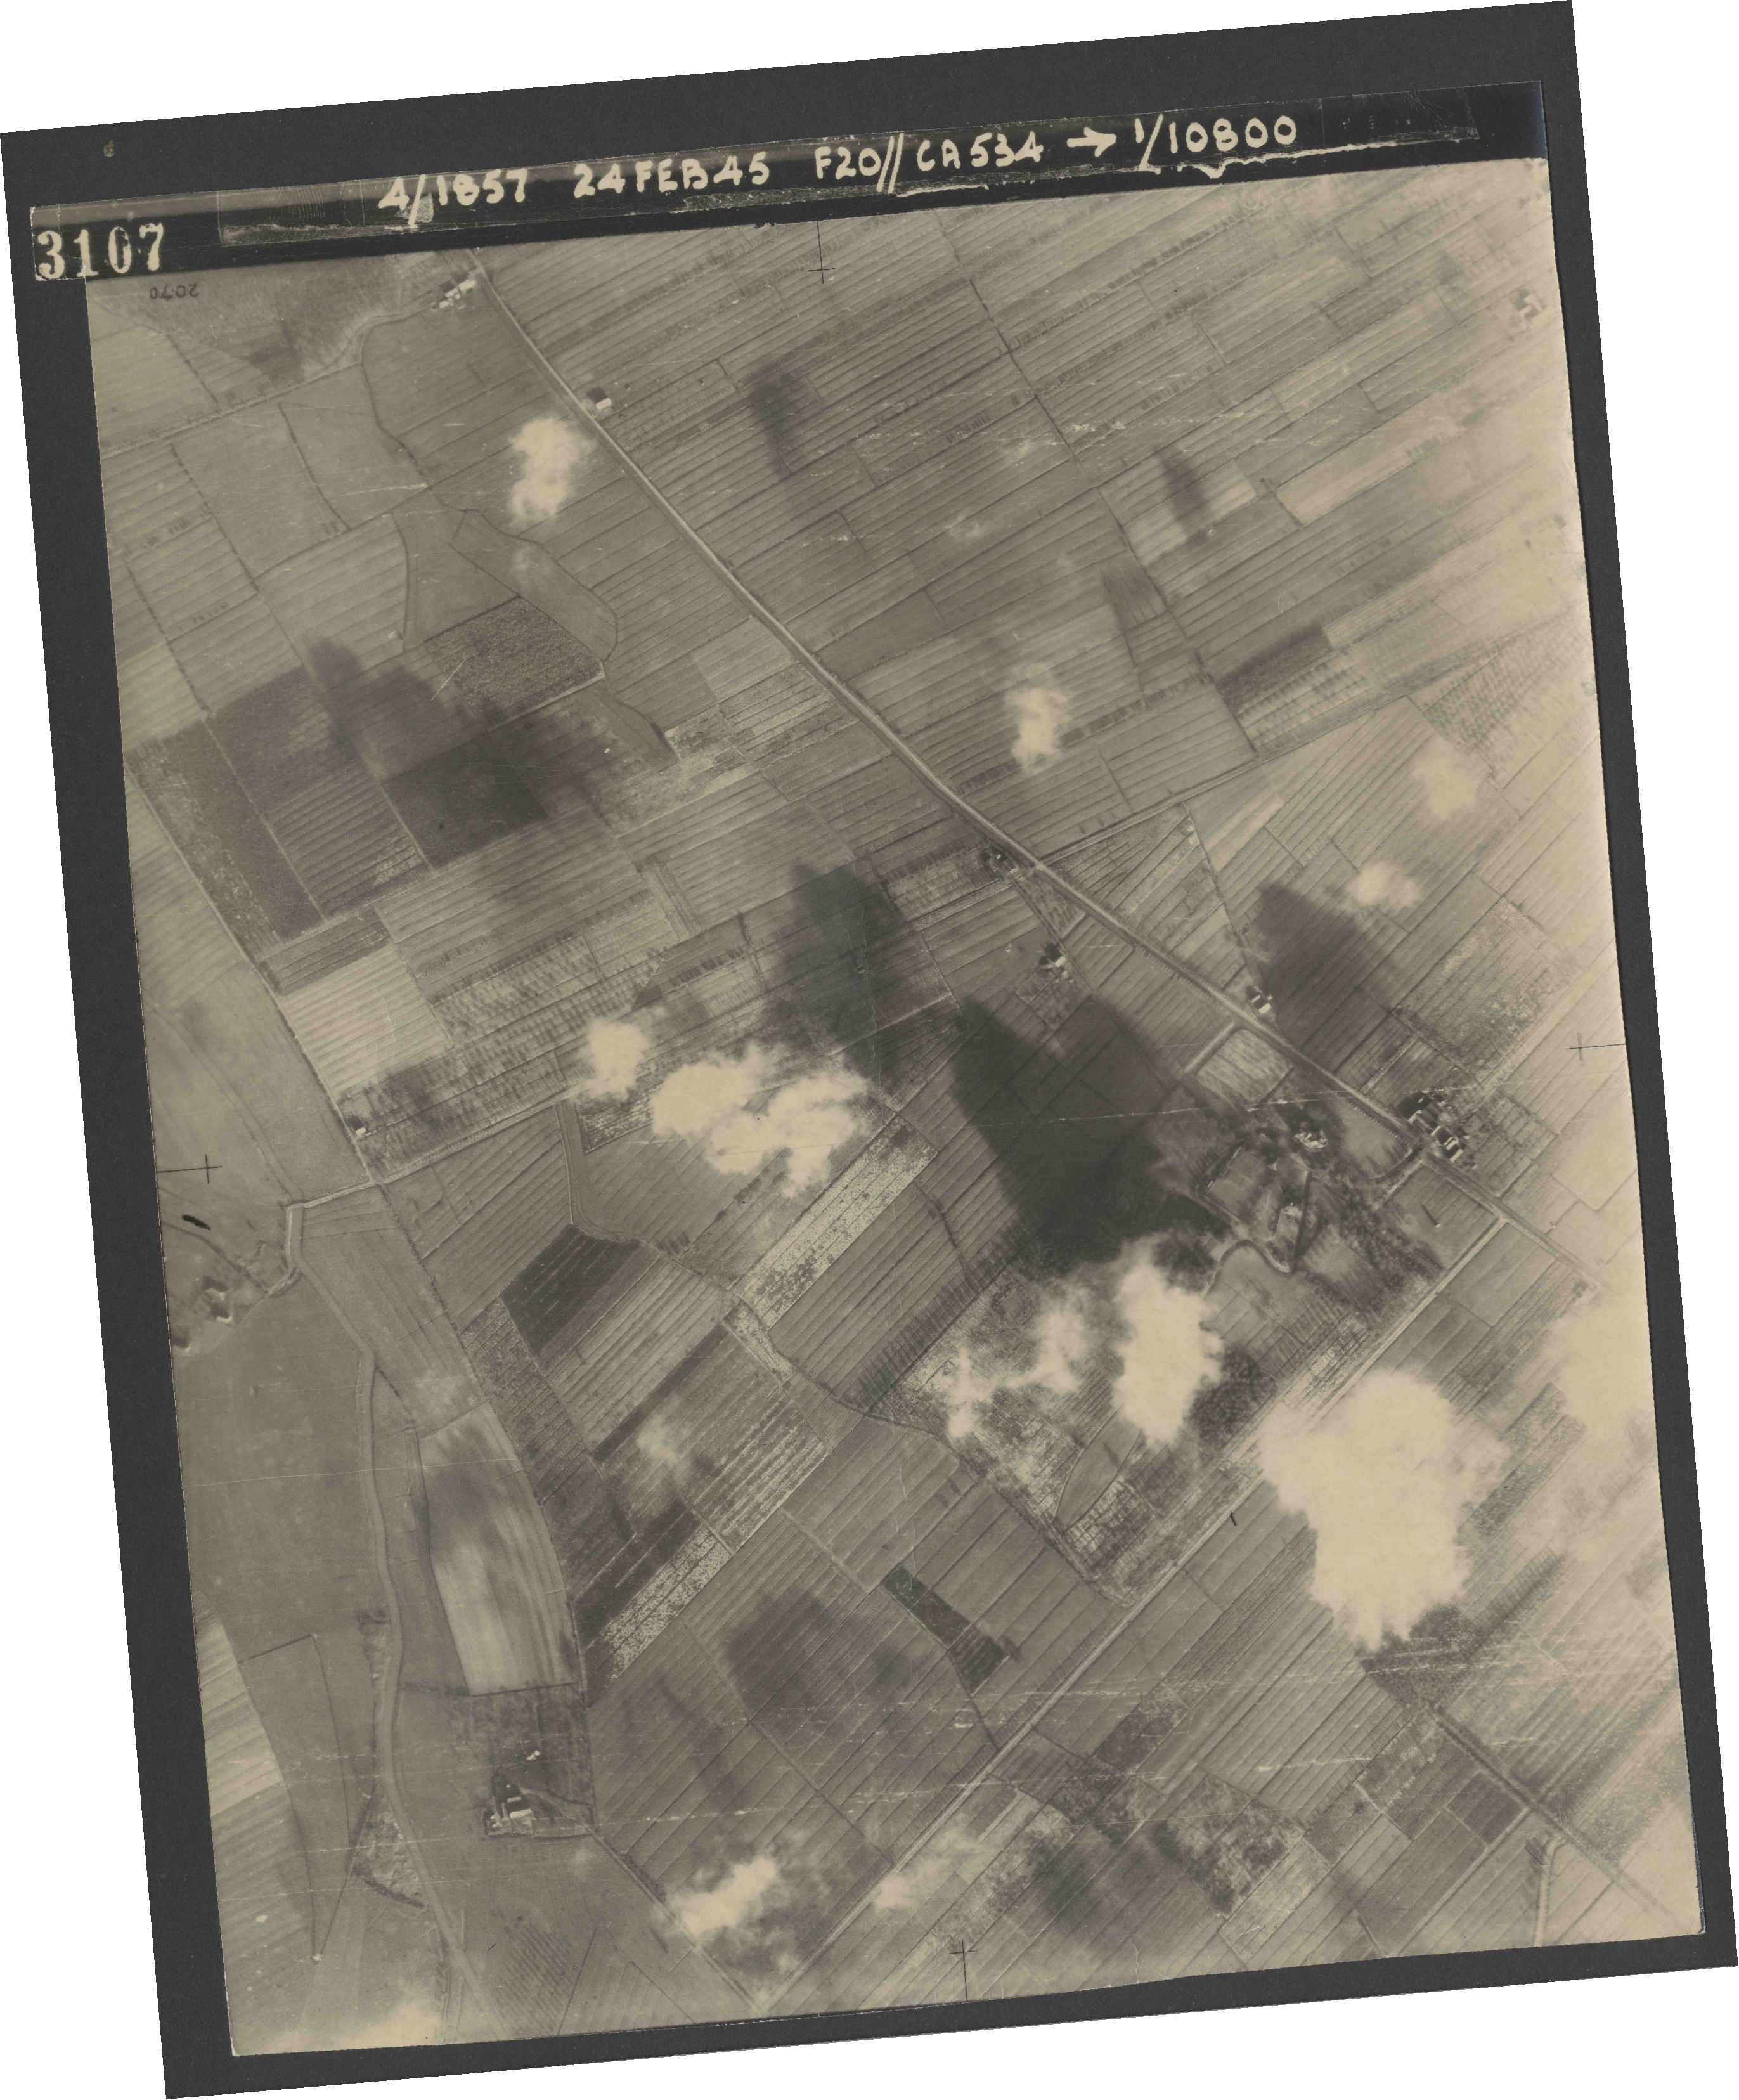 Collection RAF aerial photos 1940-1945 - flight 073, run 02, photo 3107